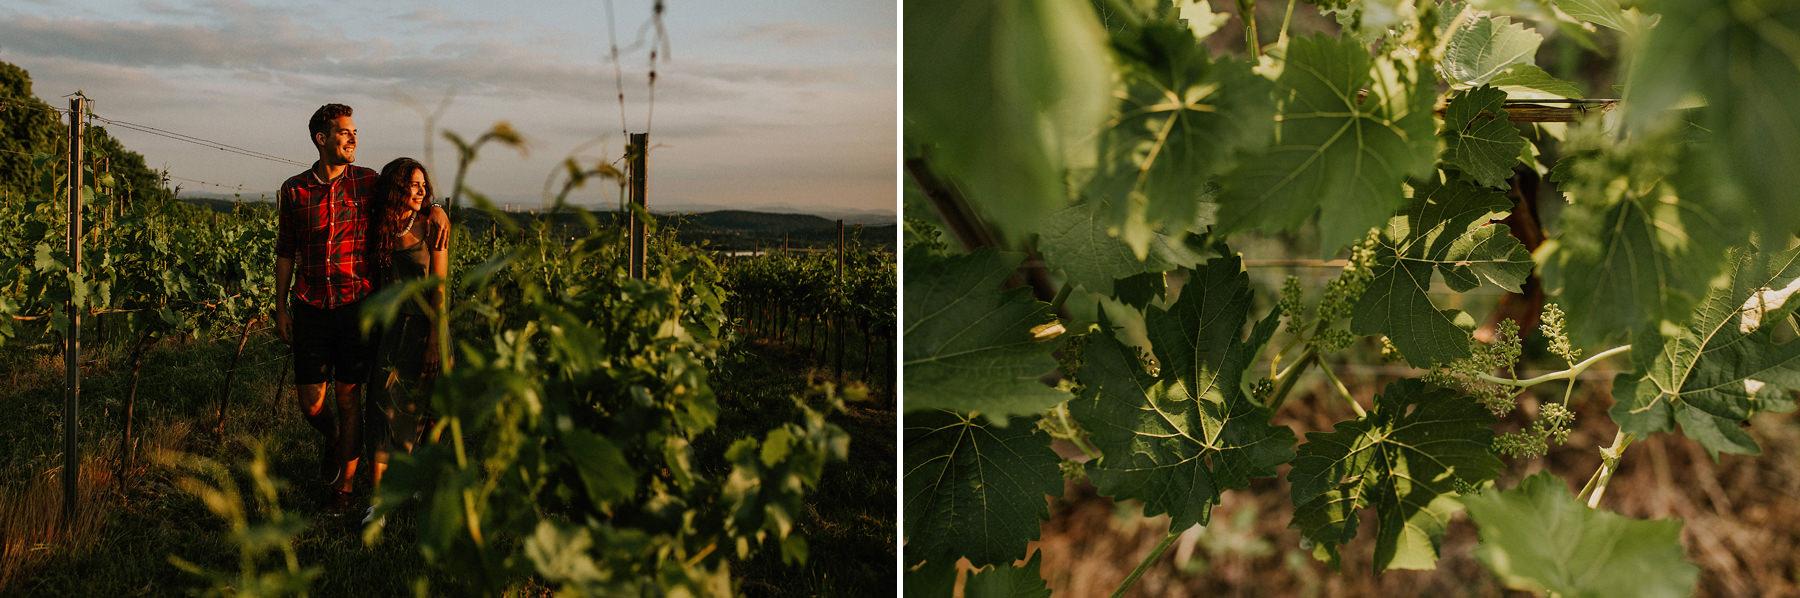 vineyard krakow srebrna góra